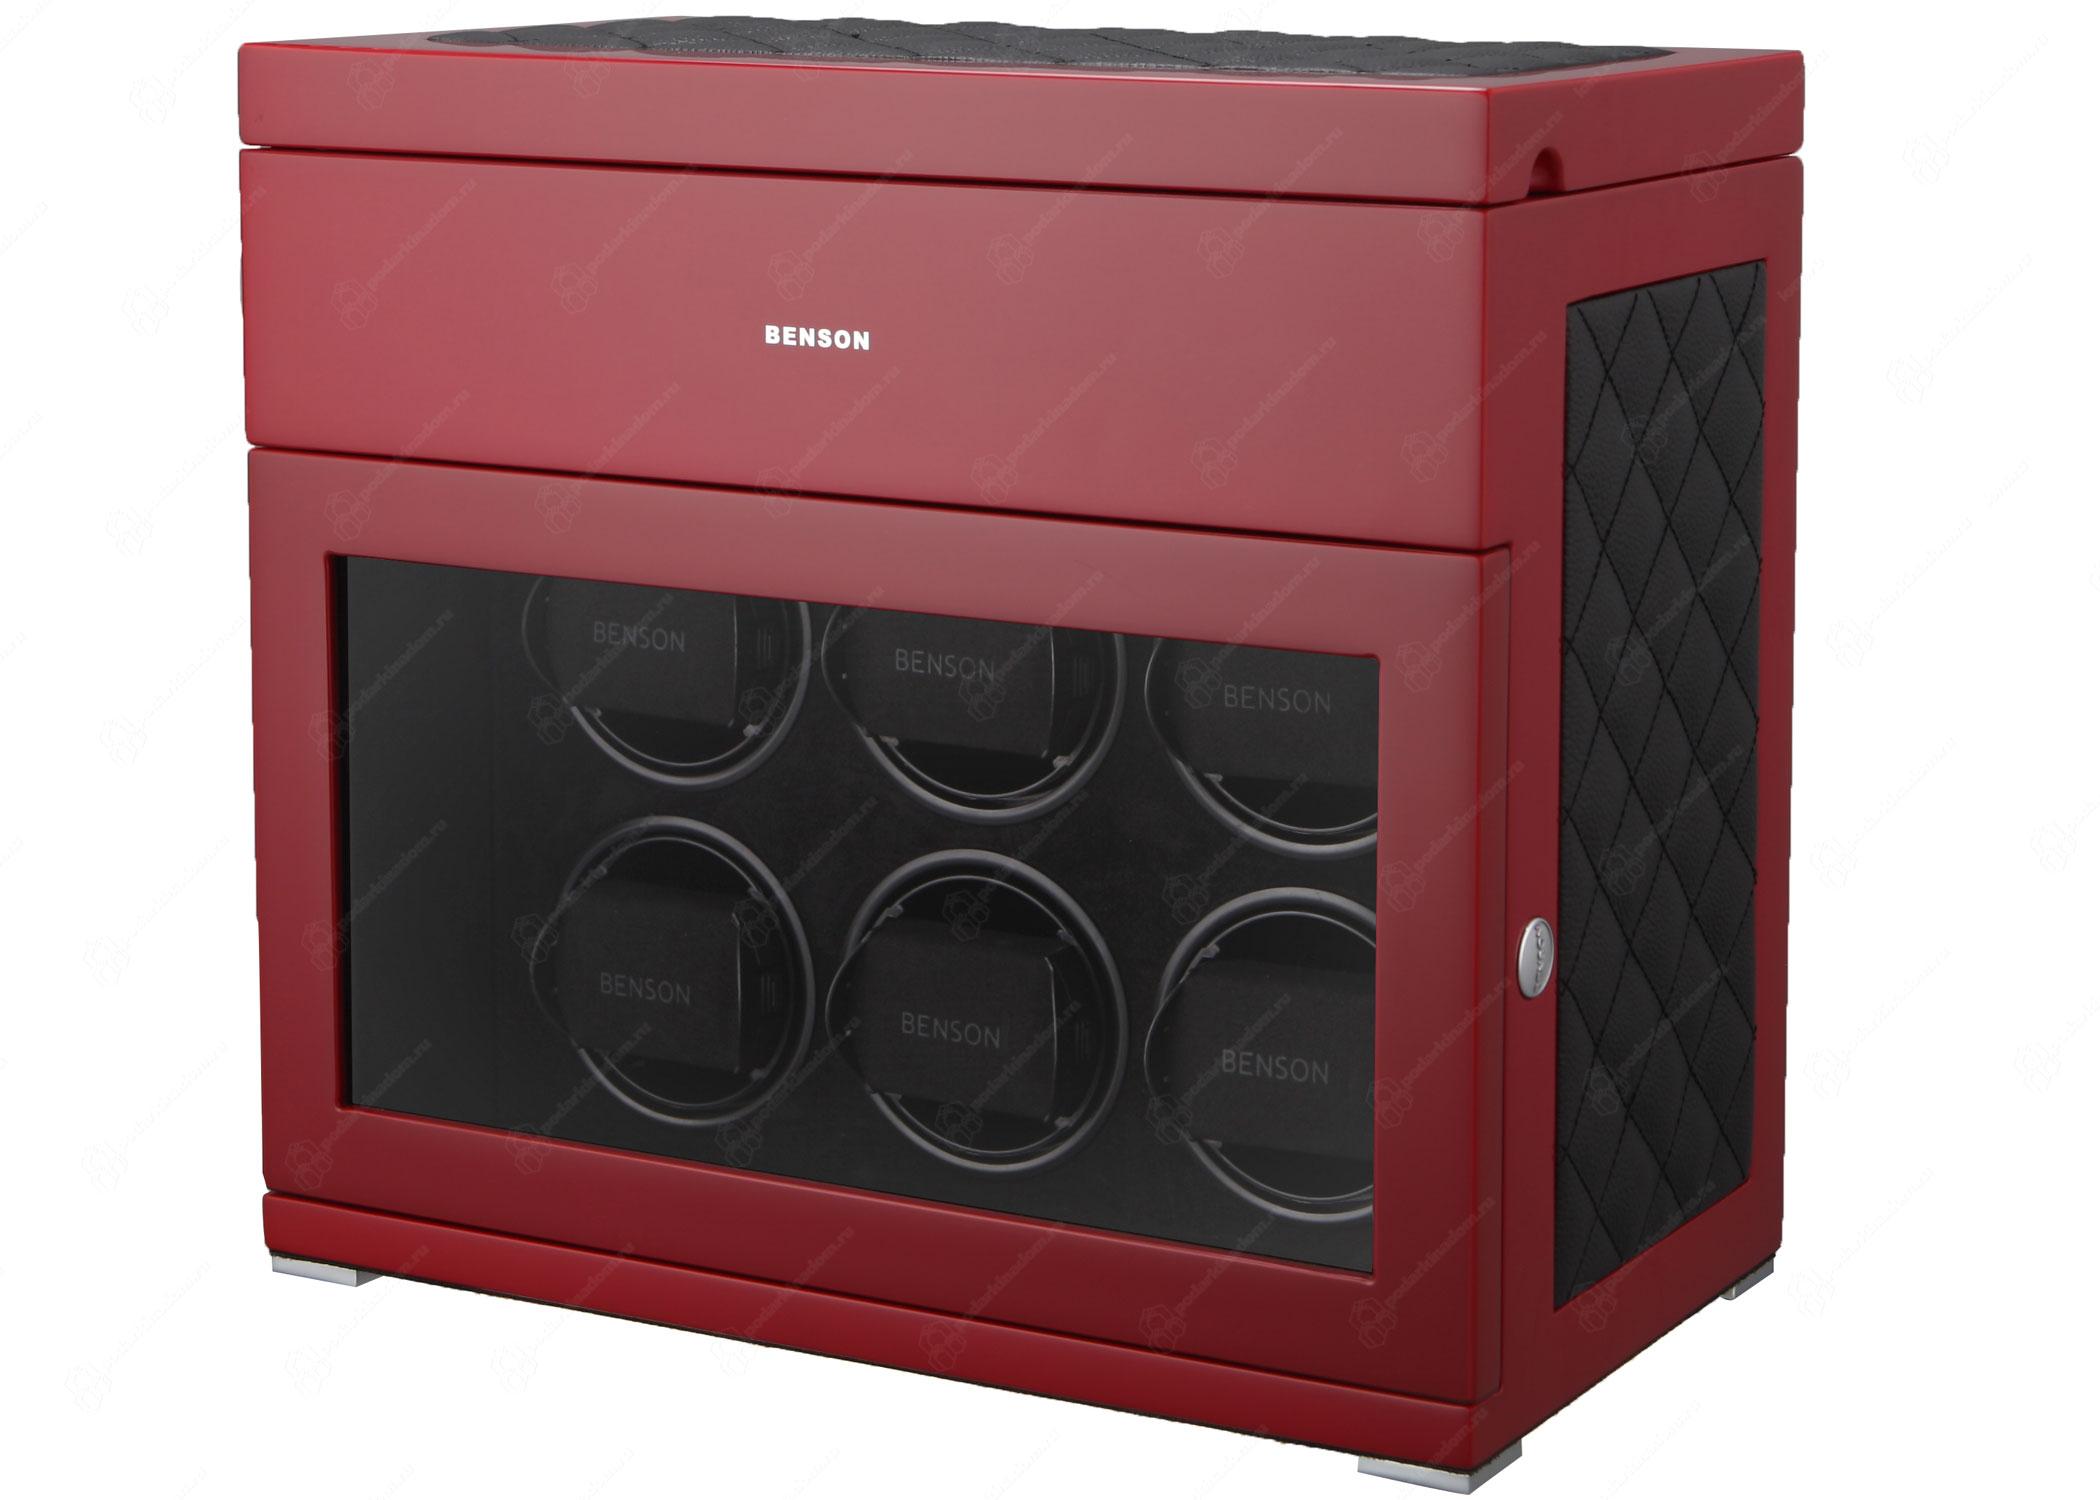 Benson BS6 Red Limited Edition Шкатулка для завода наручных часов. Лимитированная серия 250 шт. Отделка Глянцевый рояльный лак и кожа. Для 6 часов + 5 хранение. Сенсорное управление. Подсветка.